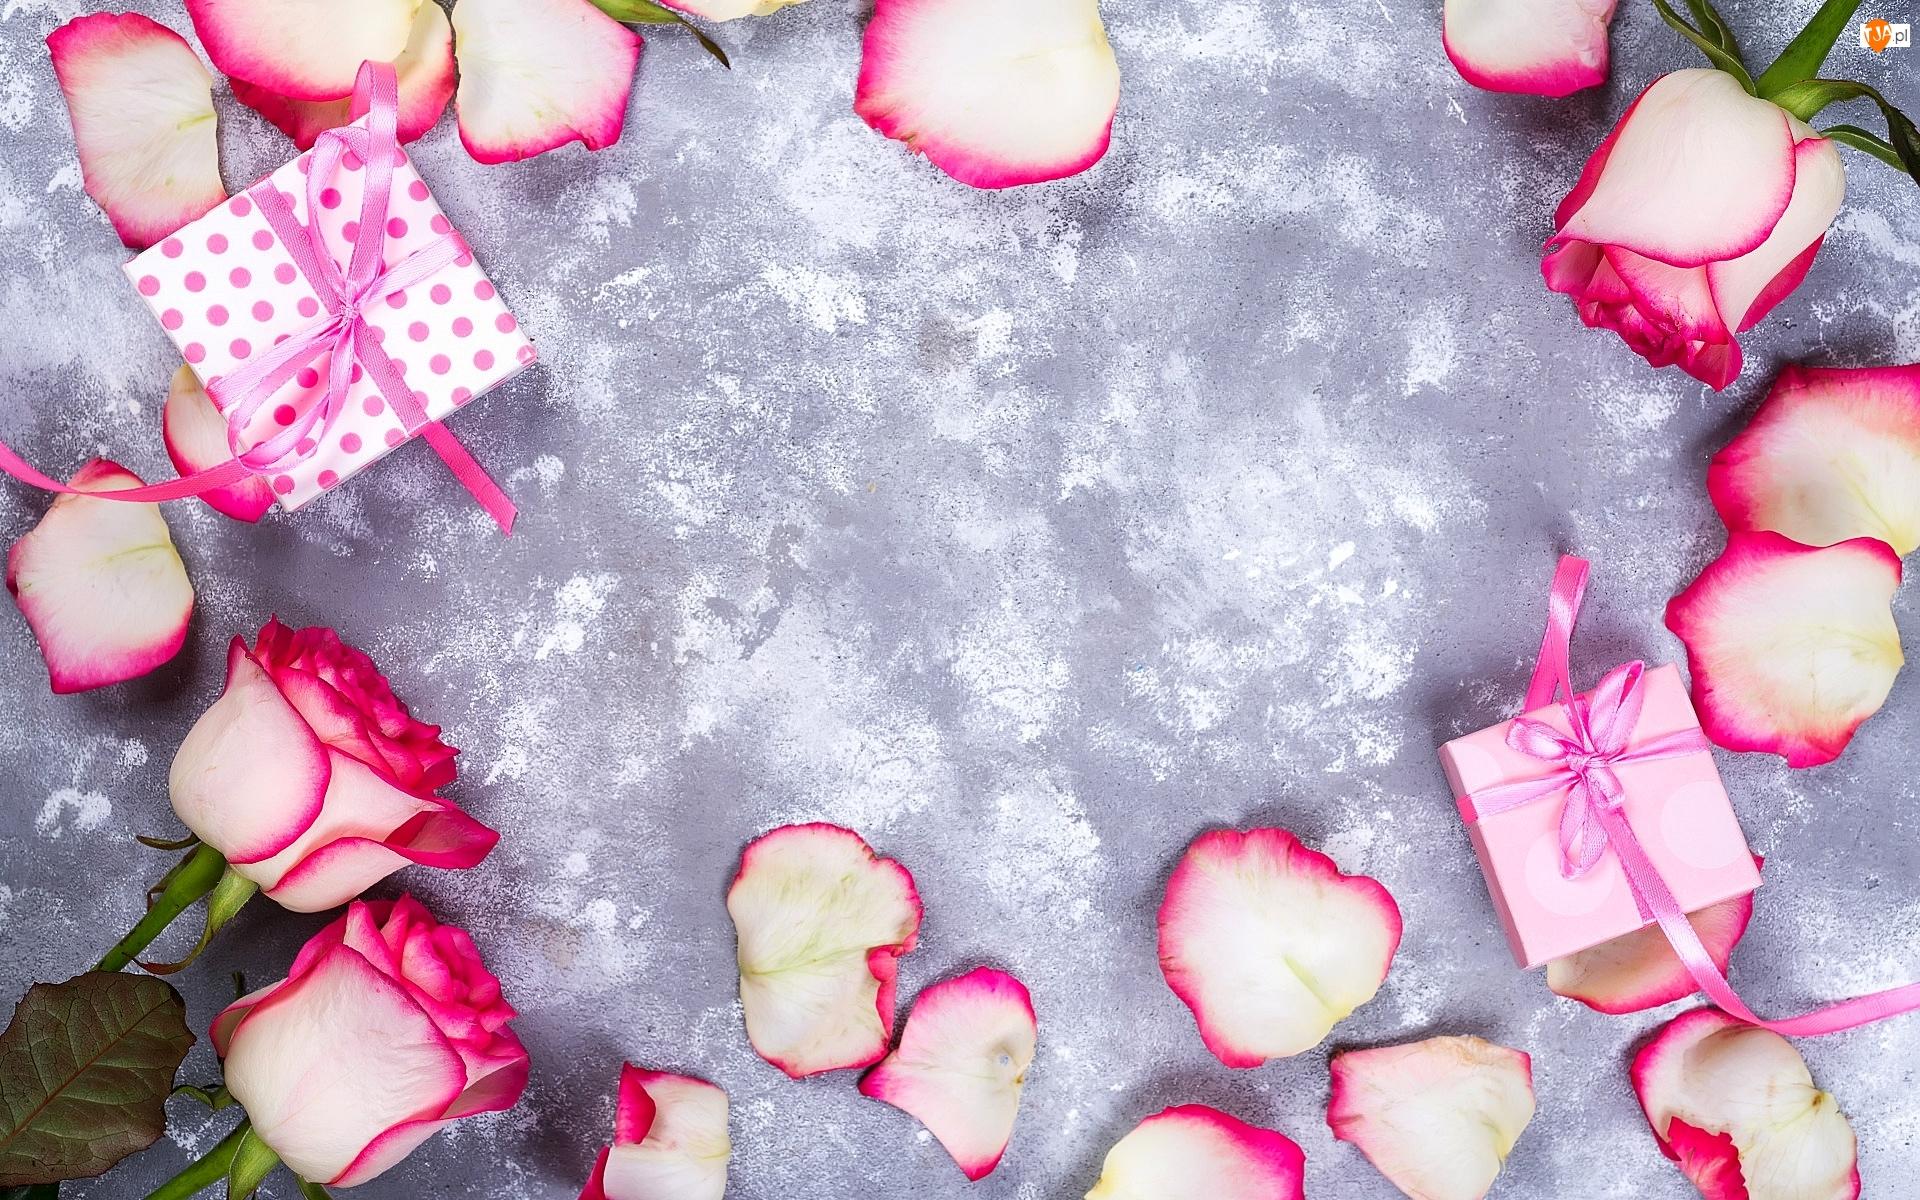 Róże, Płatki, Tło, Różowo-białe, Szare, Prezenty, Listki